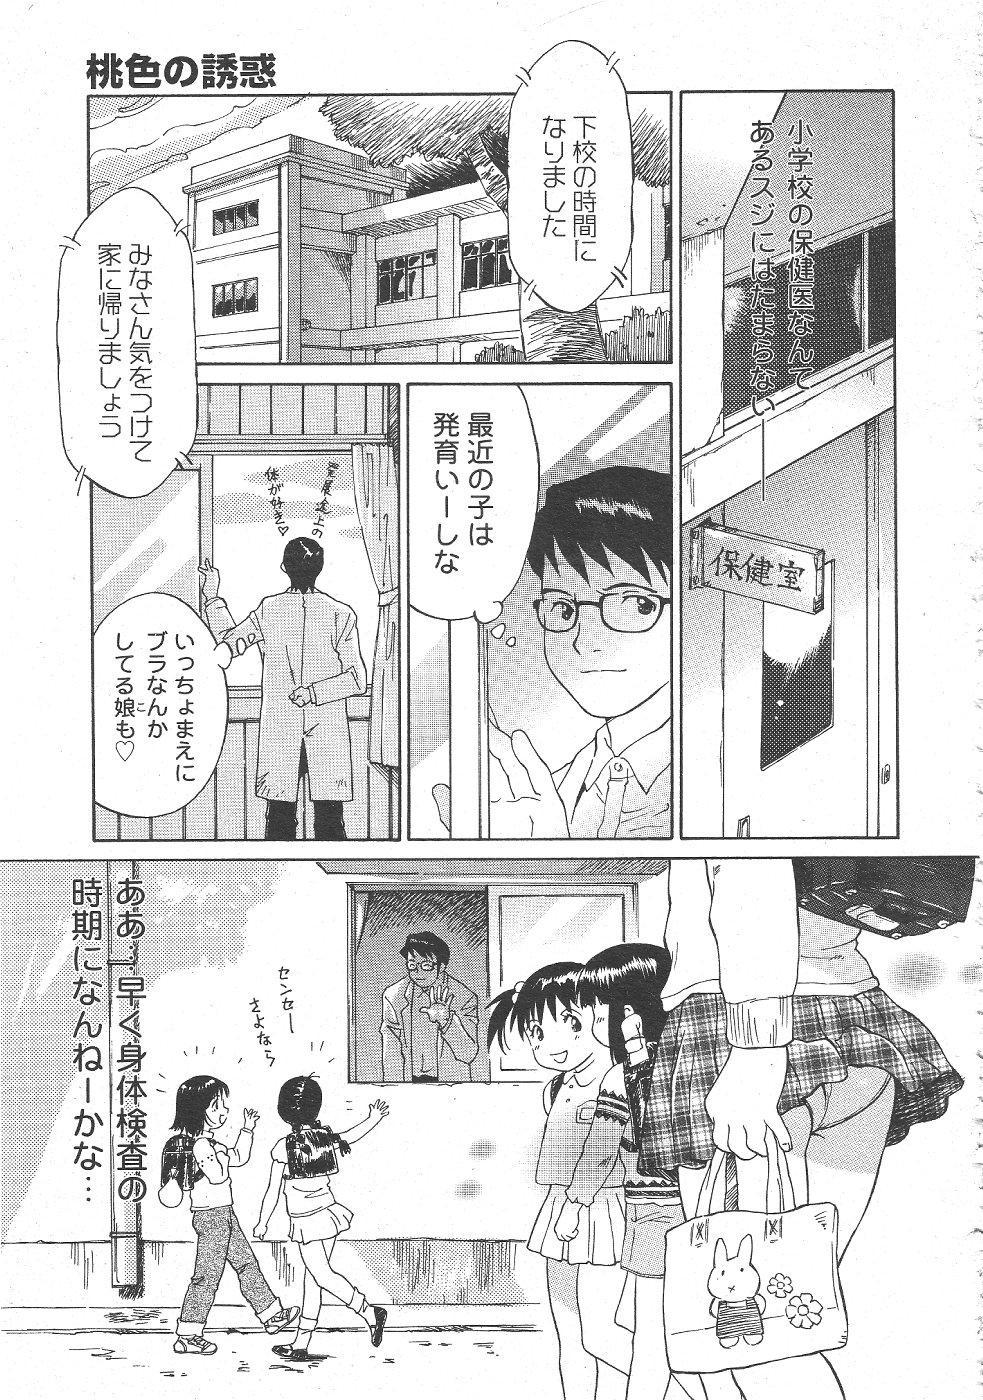 Gekkan Comic Muga 2004-06 Vol.10 208